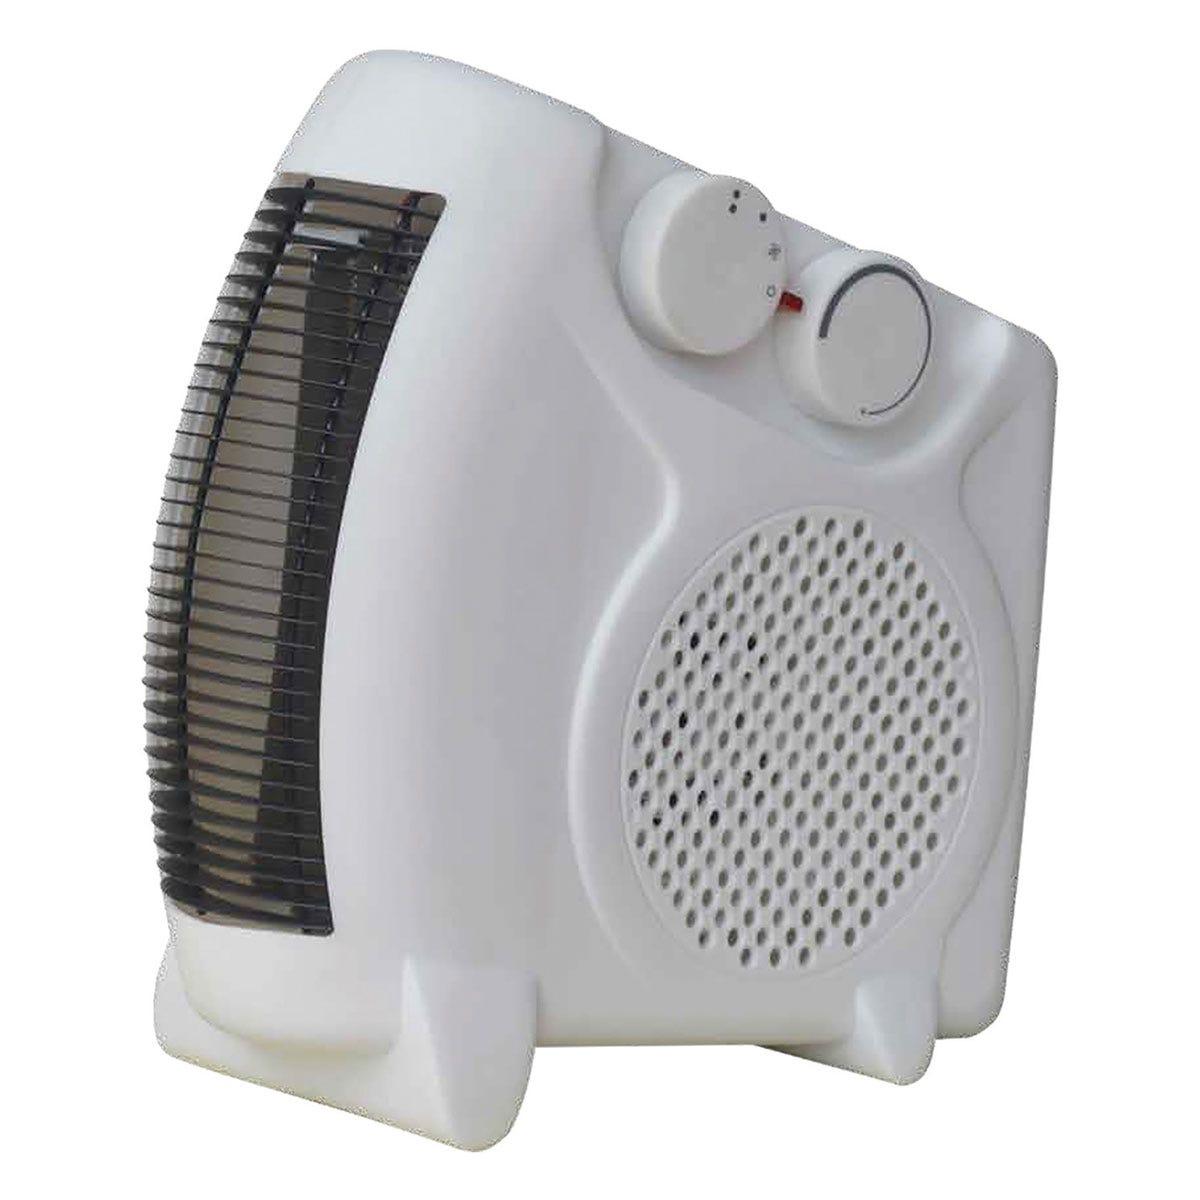 Robert Dyas Flat Fan Heater 2kw